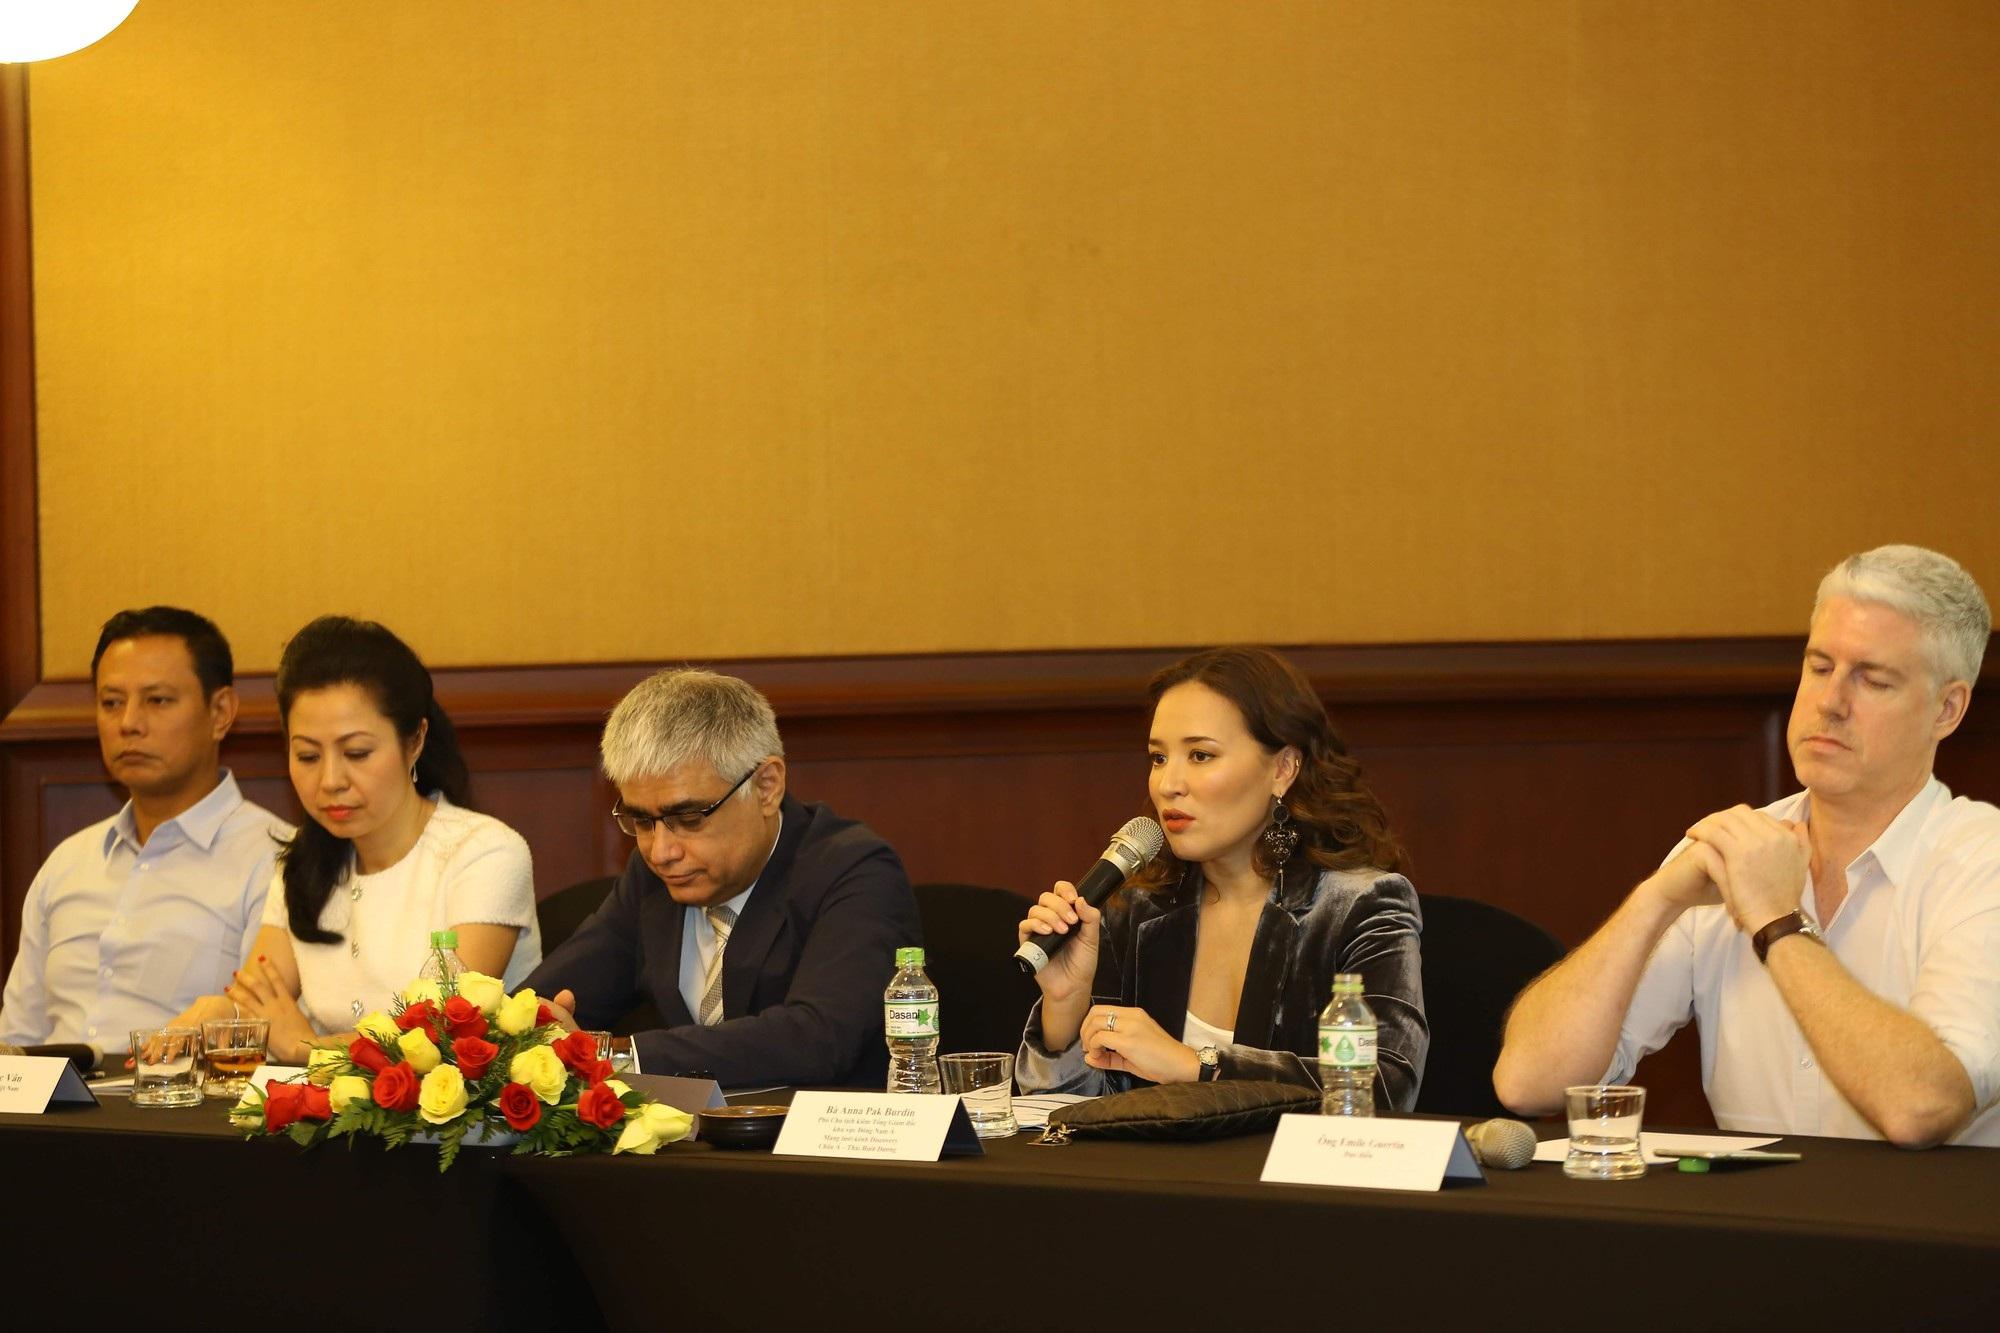 Chính thức phát sóng bộ phim đặc biệt về Việt Nam trên kênh Discovery - Ảnh 1.